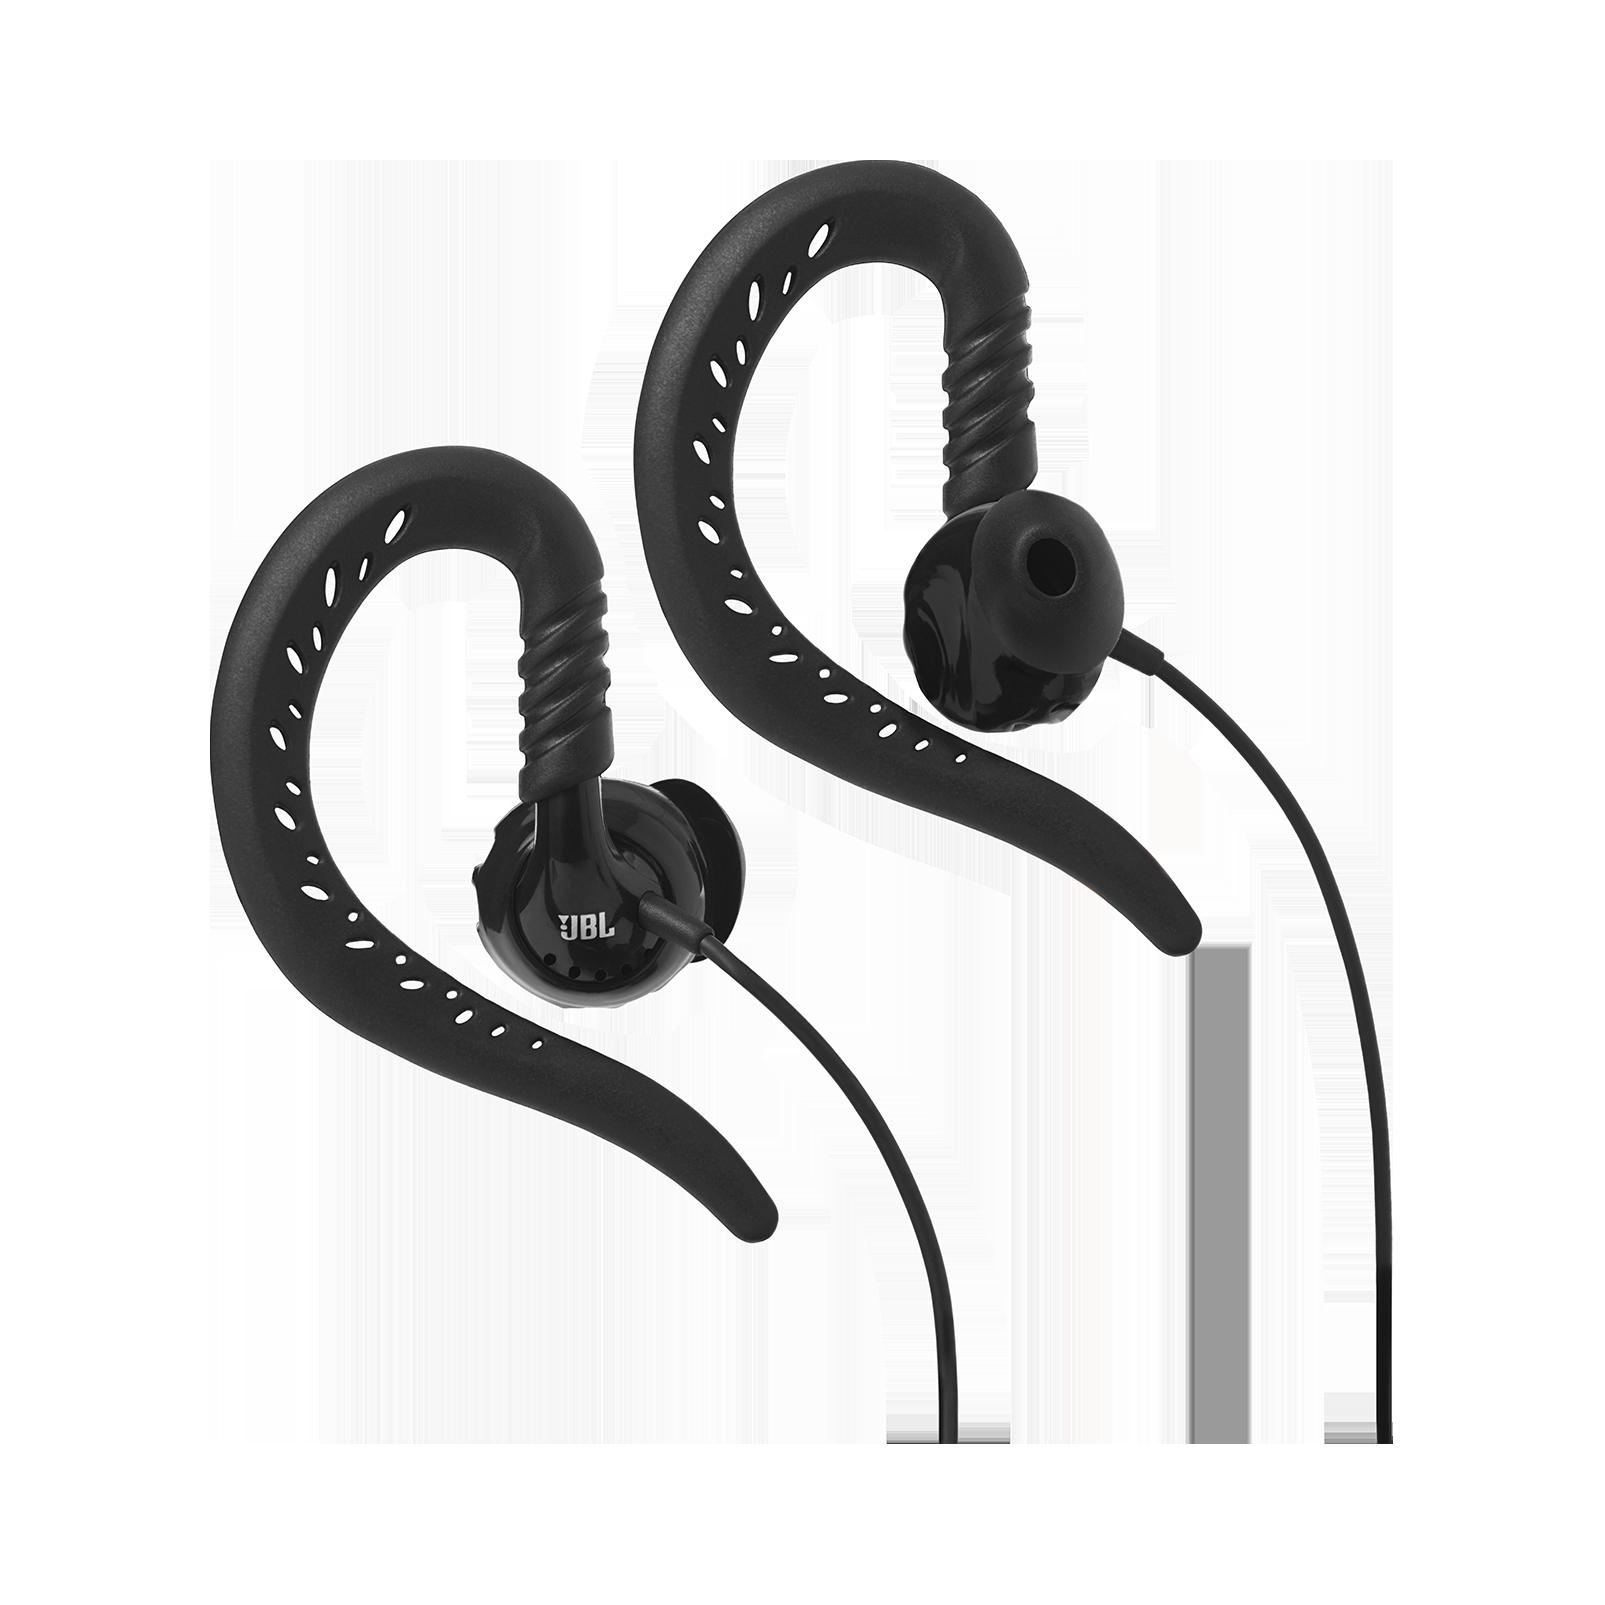 JBL Focus 100 - Black - Behind-the-ear, sport headphones with Twistlock™ Technology - Hero